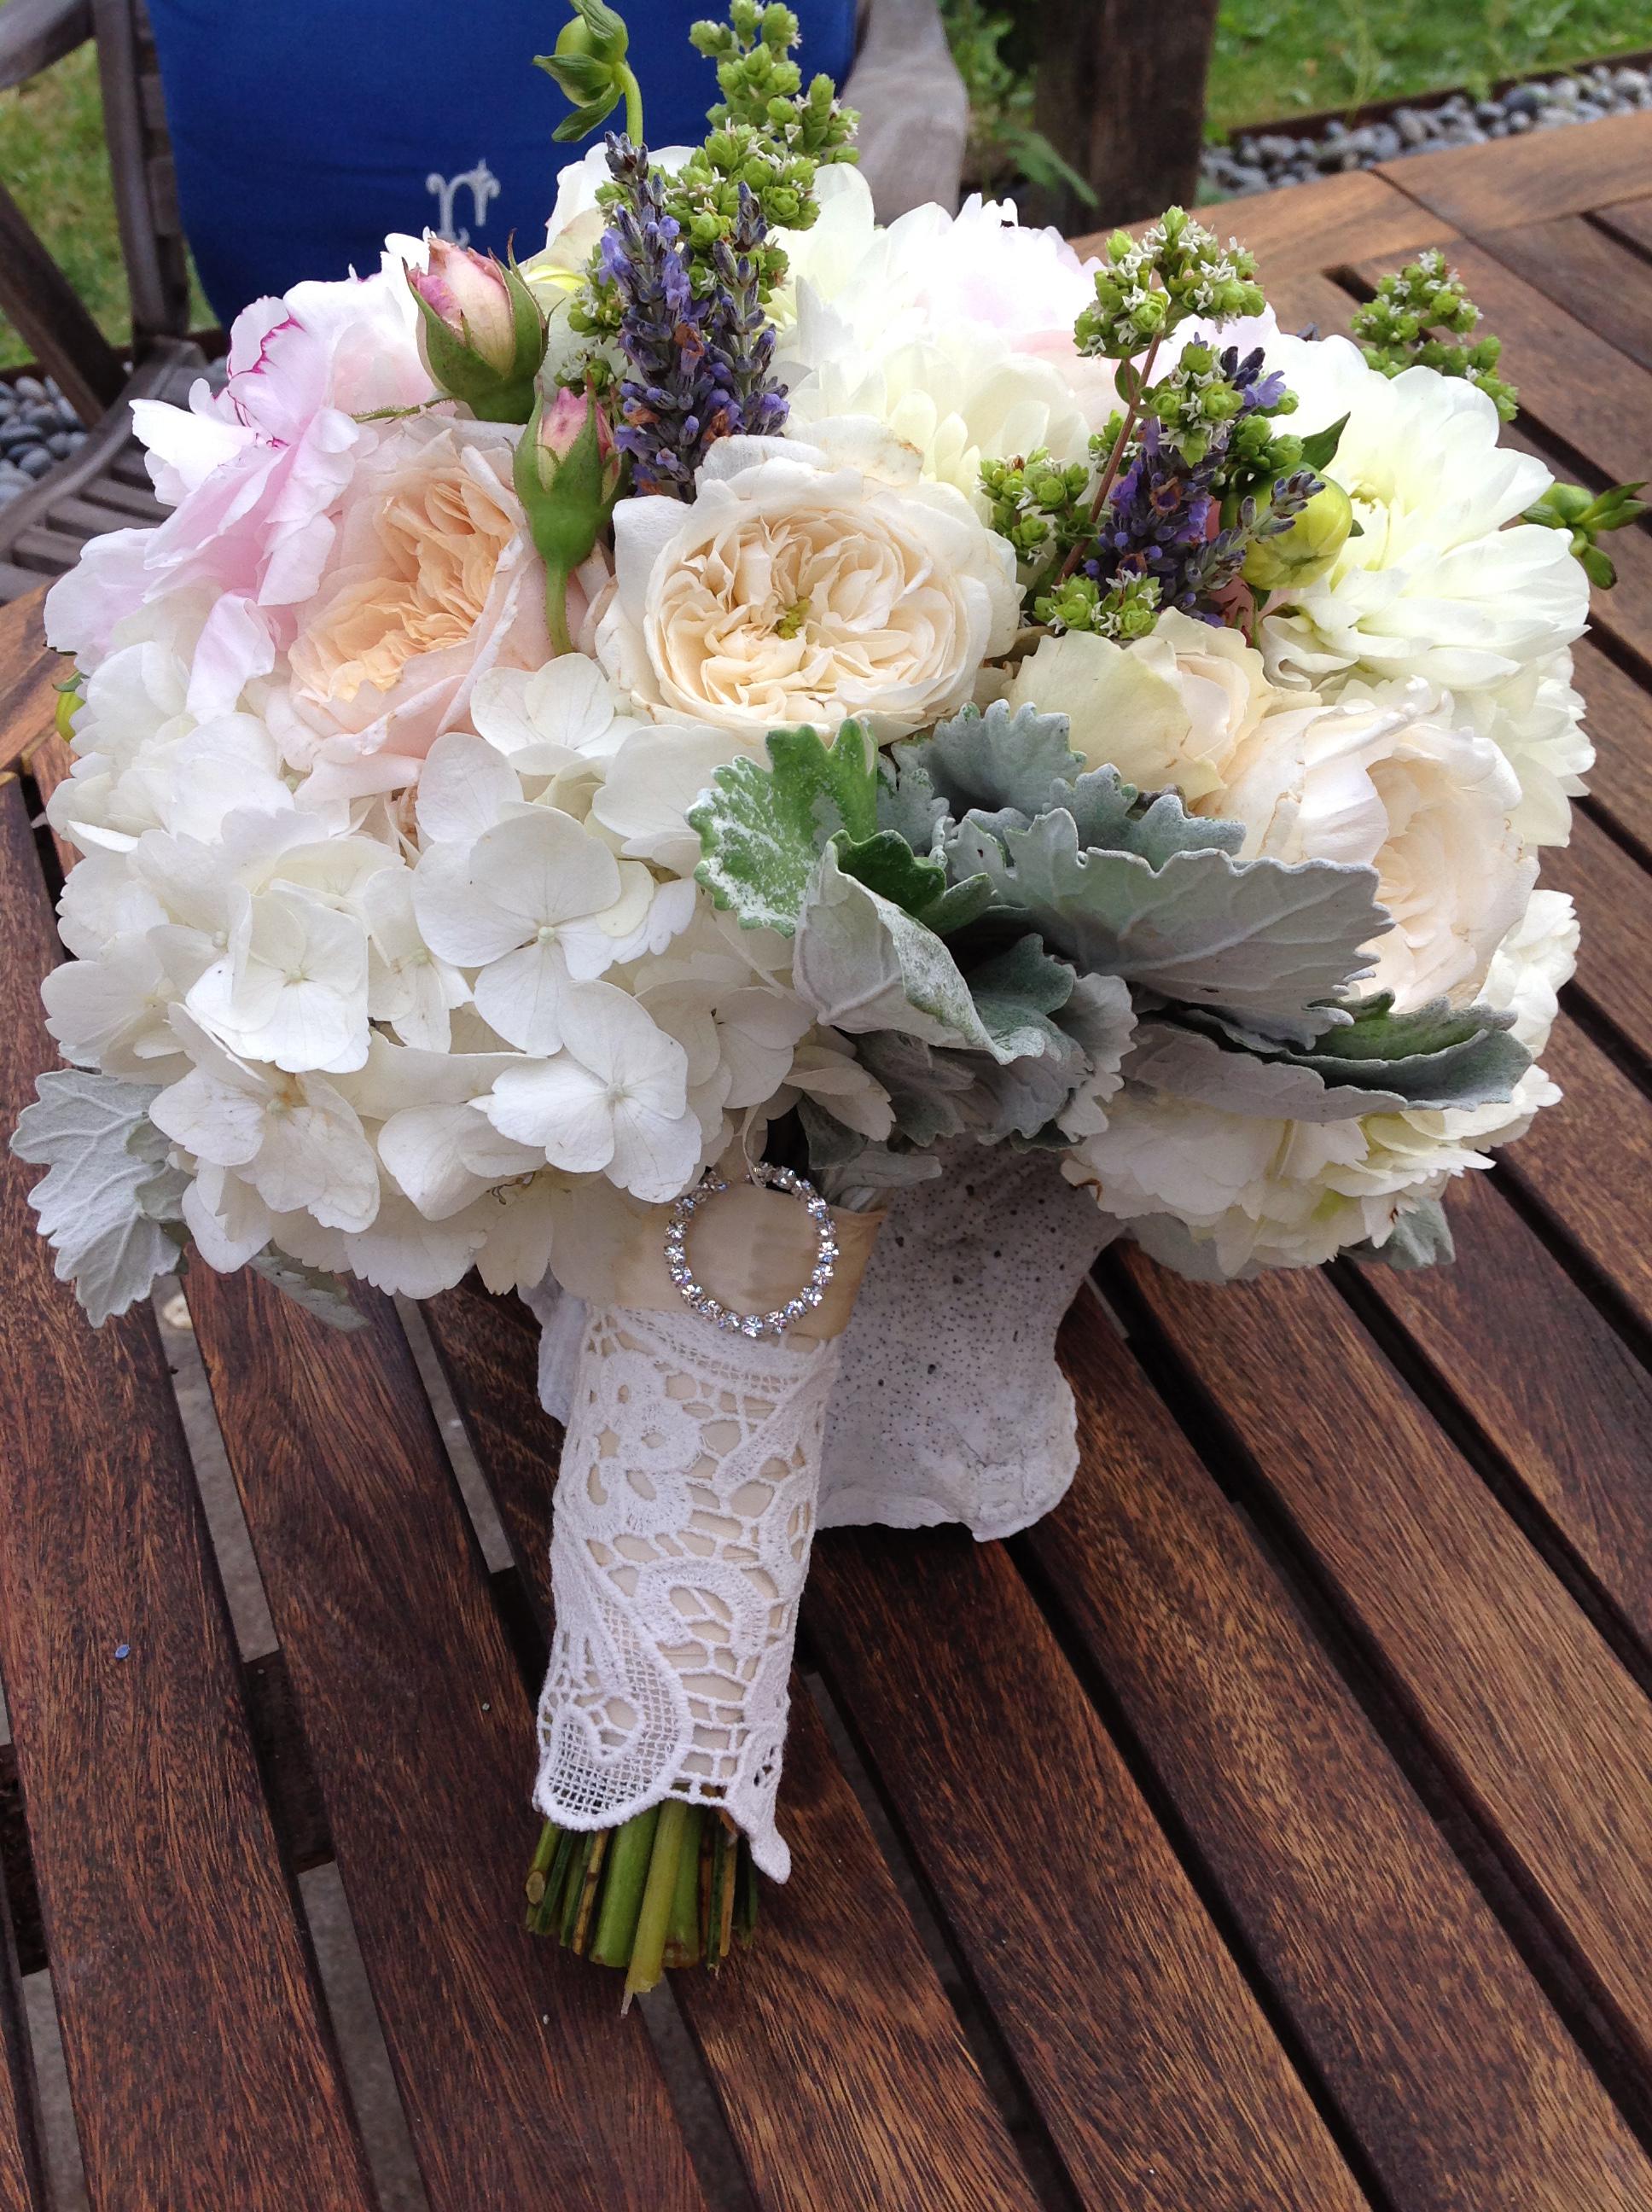 Erika Anderson Designs wedding bouquet with hydrangeas